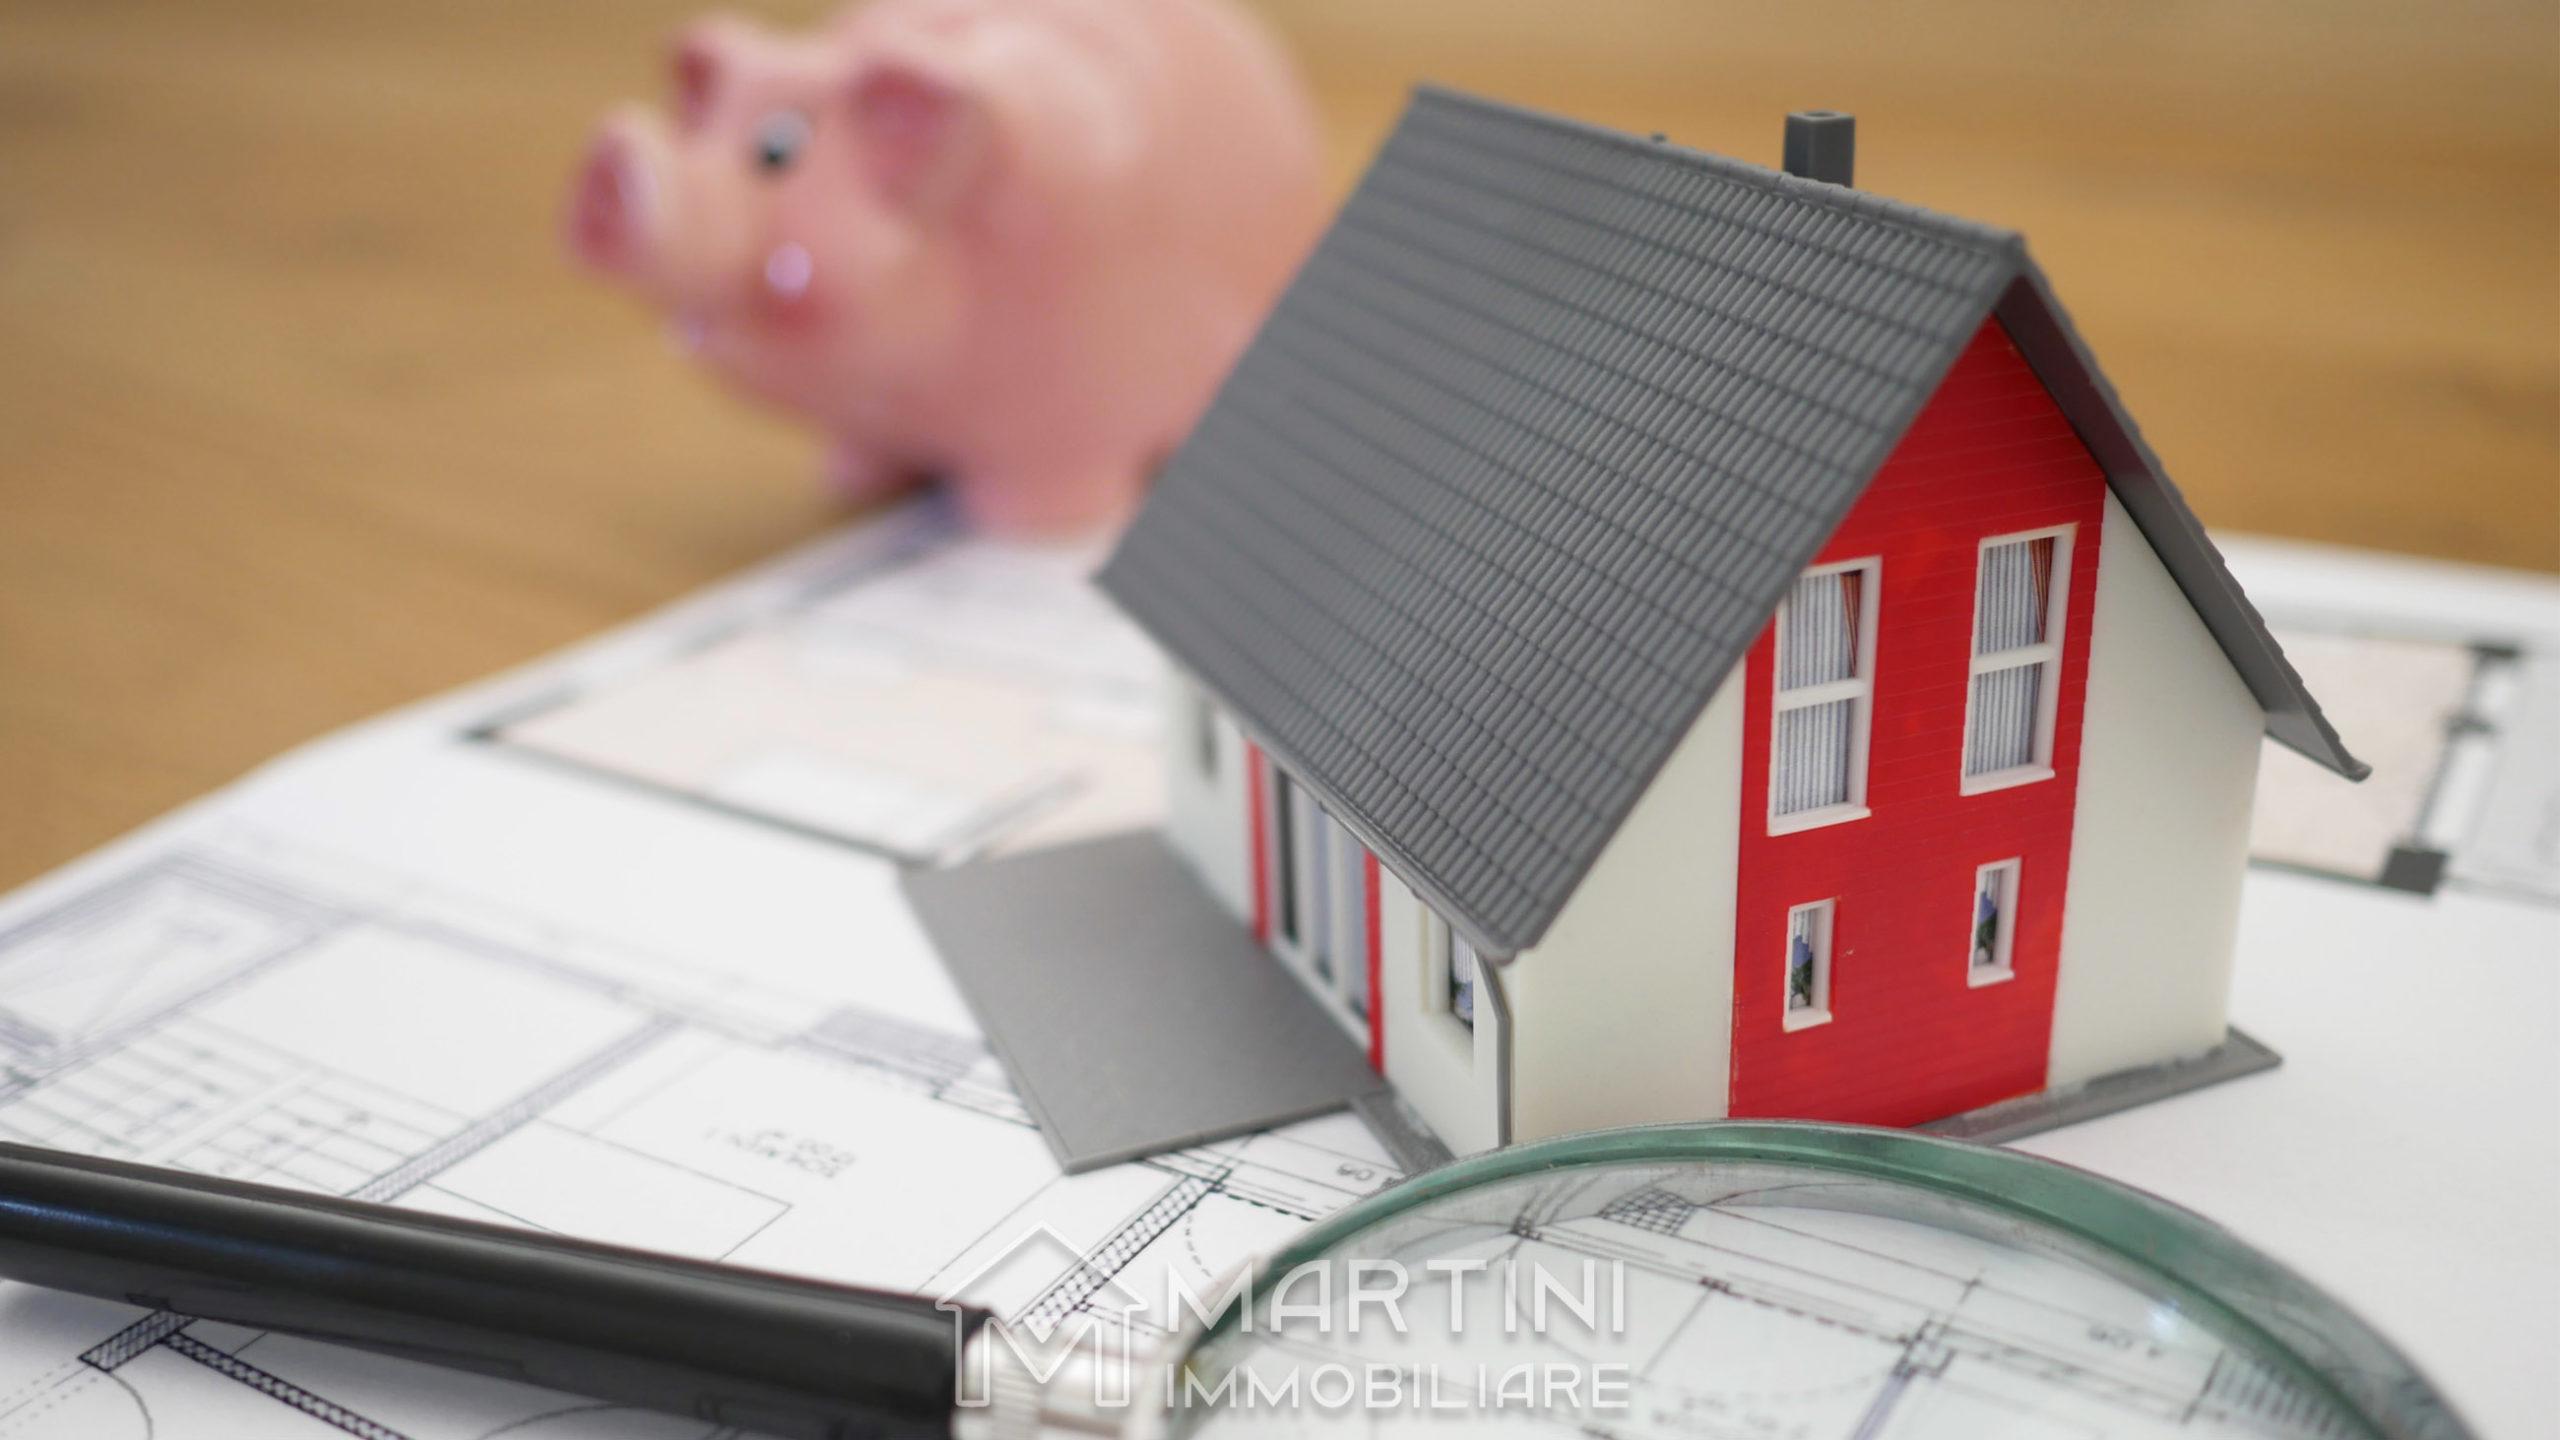 Comprare Casa con il Mutuo: Cosa fare prima di…